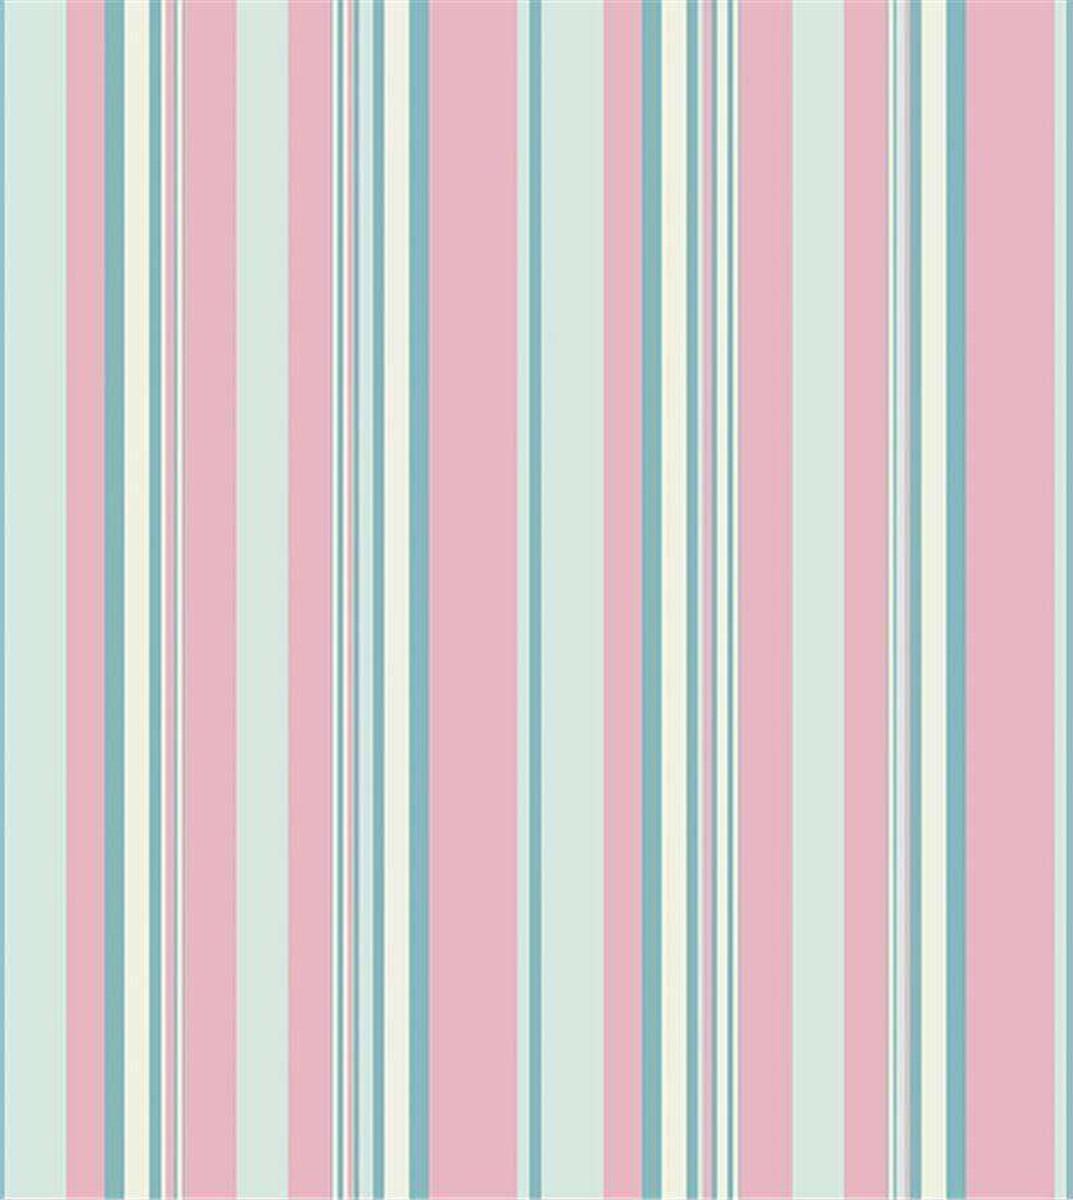 3ed0cabdd Papel de parede listrado azul rosa bebê e branco no elo jpg 1073x1200 Listrado  azul bebe